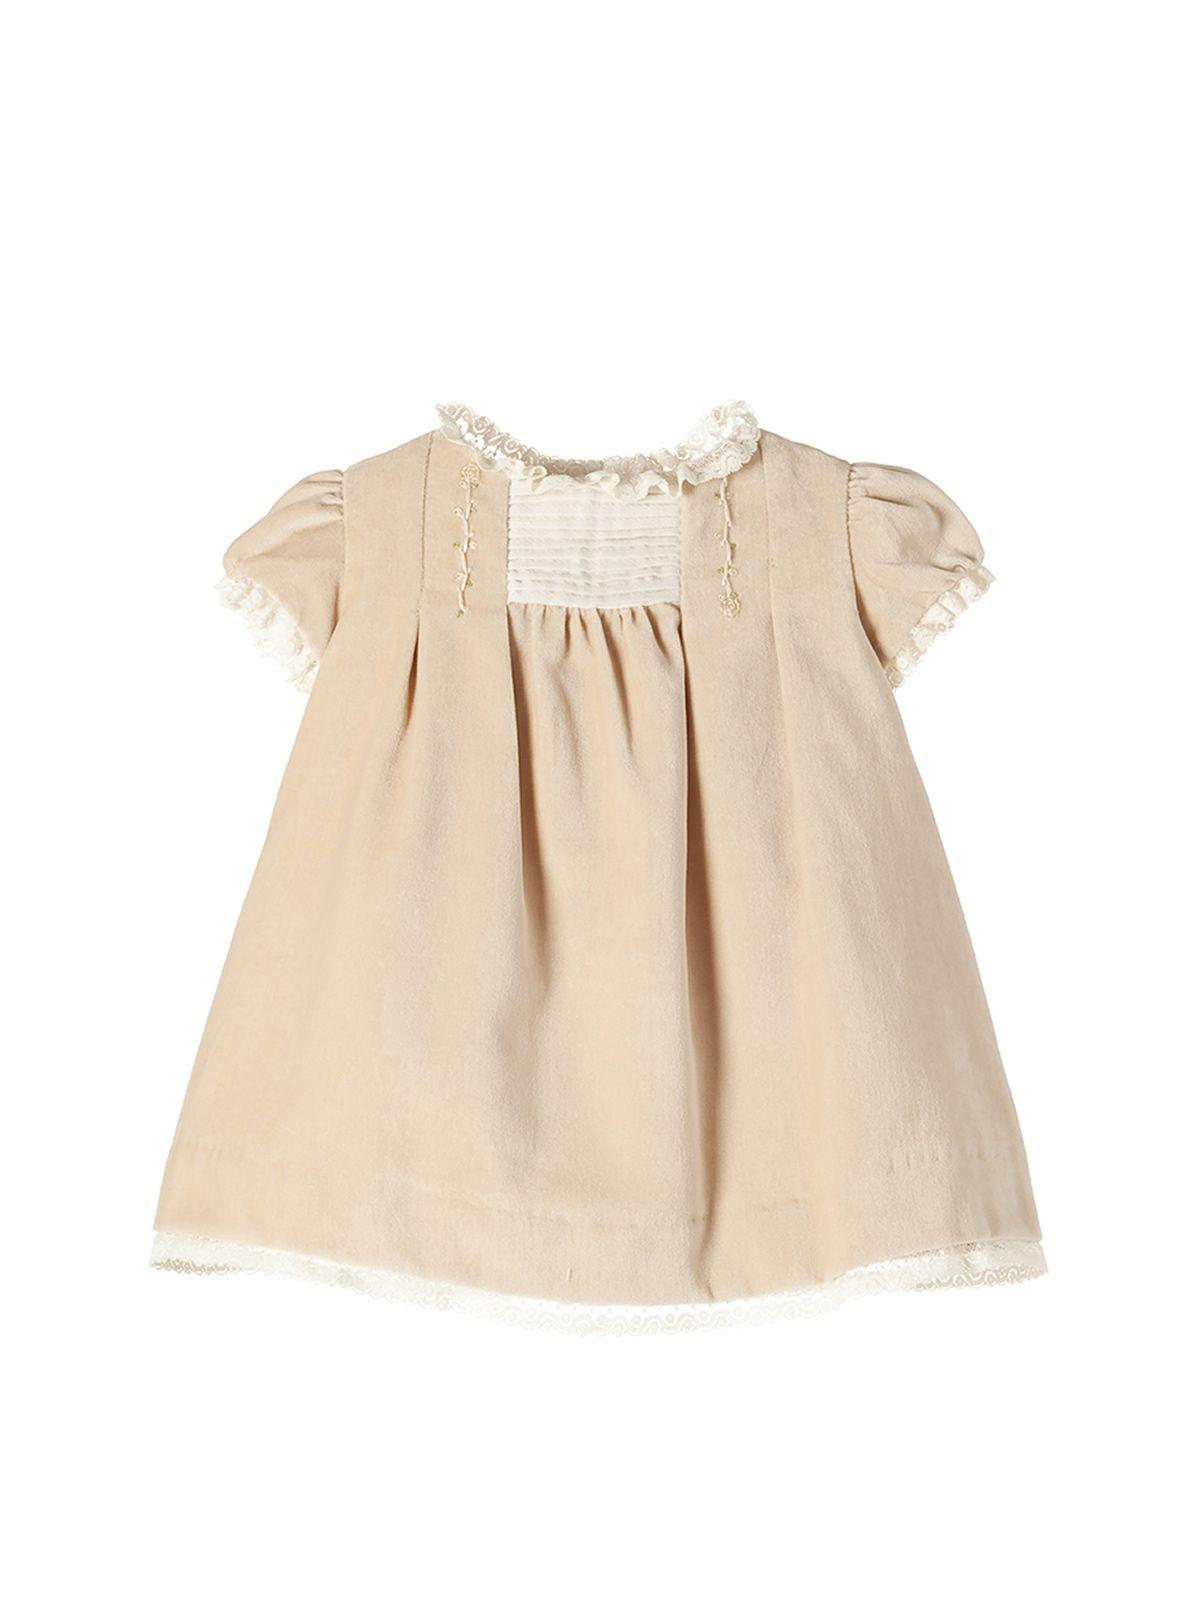 bfdf7547a12 NANOS SHOP ONLINE. Detalle   BabyClothes ♡   Ropa para niñas ...